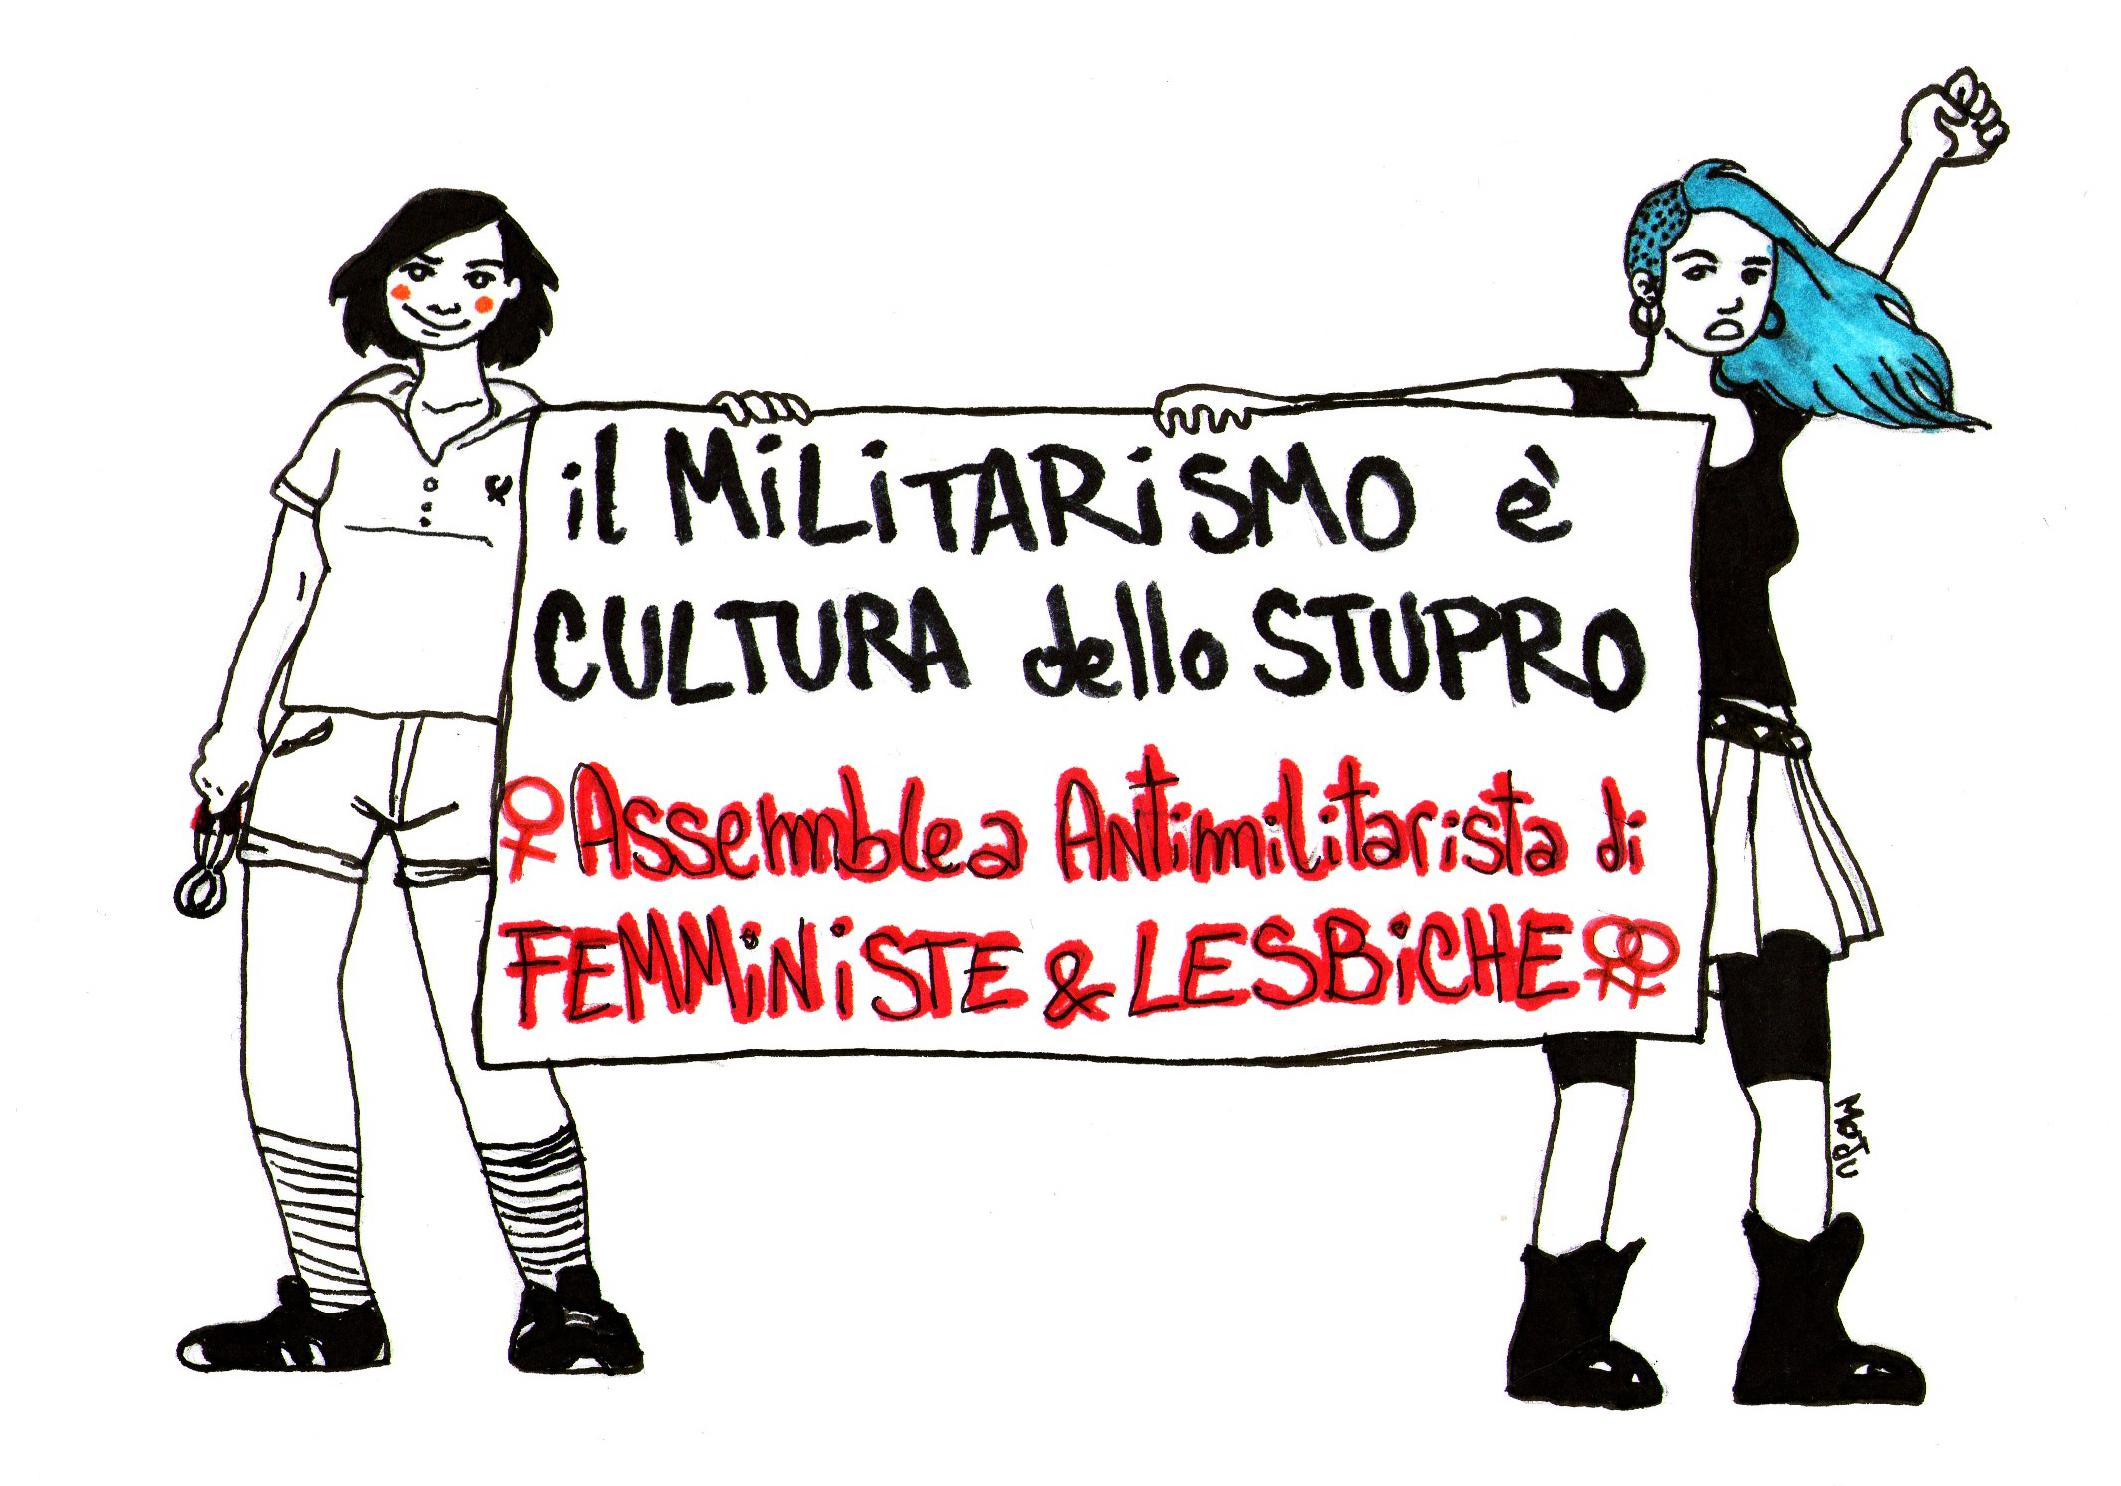 Antimilitarista003